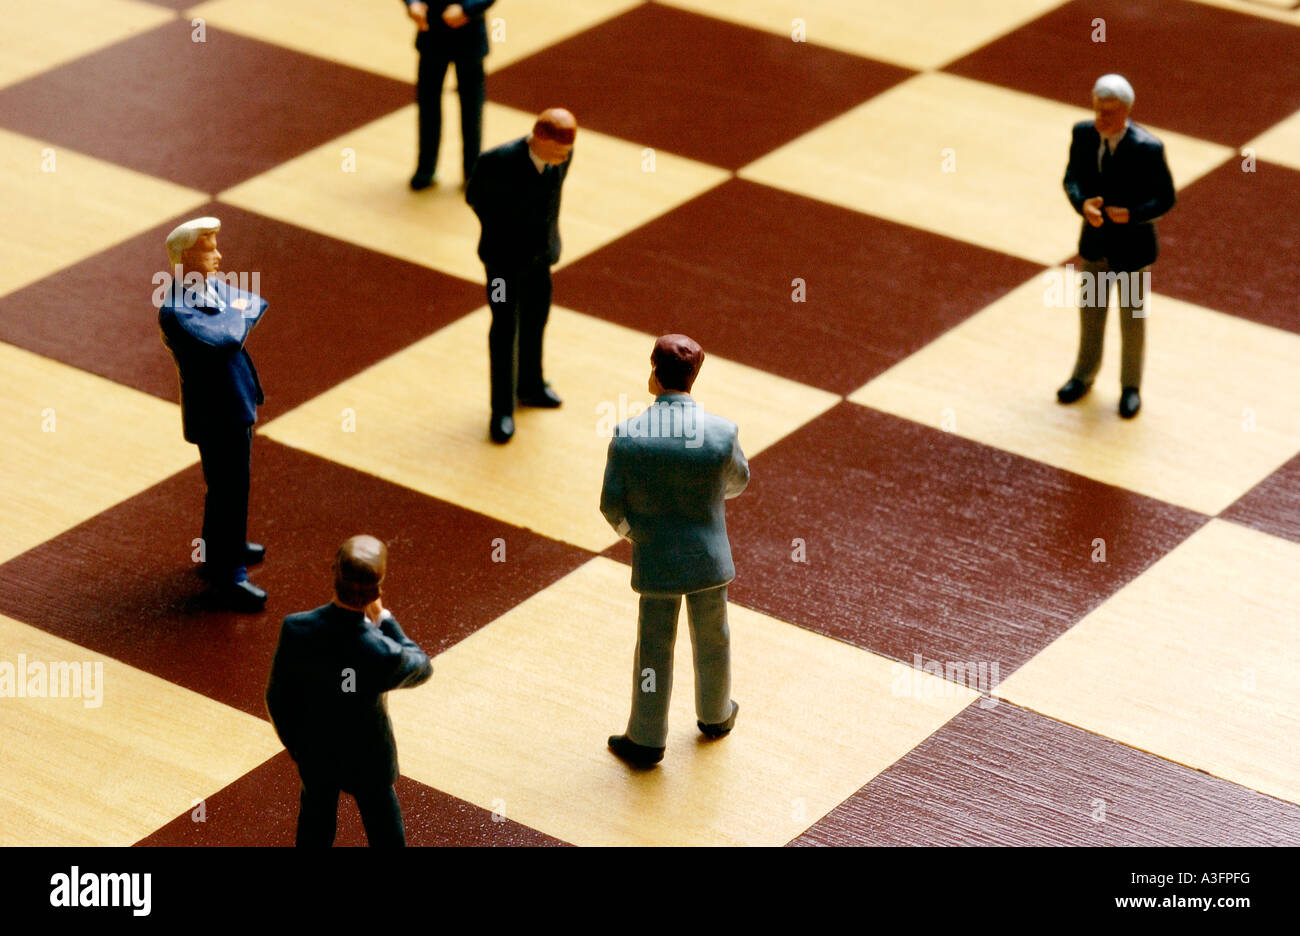 Los empresarios cifras sobre un tablero de ajedrez - competencia empresarial / toma de decisiones / juicio / Opciones Foto de stock